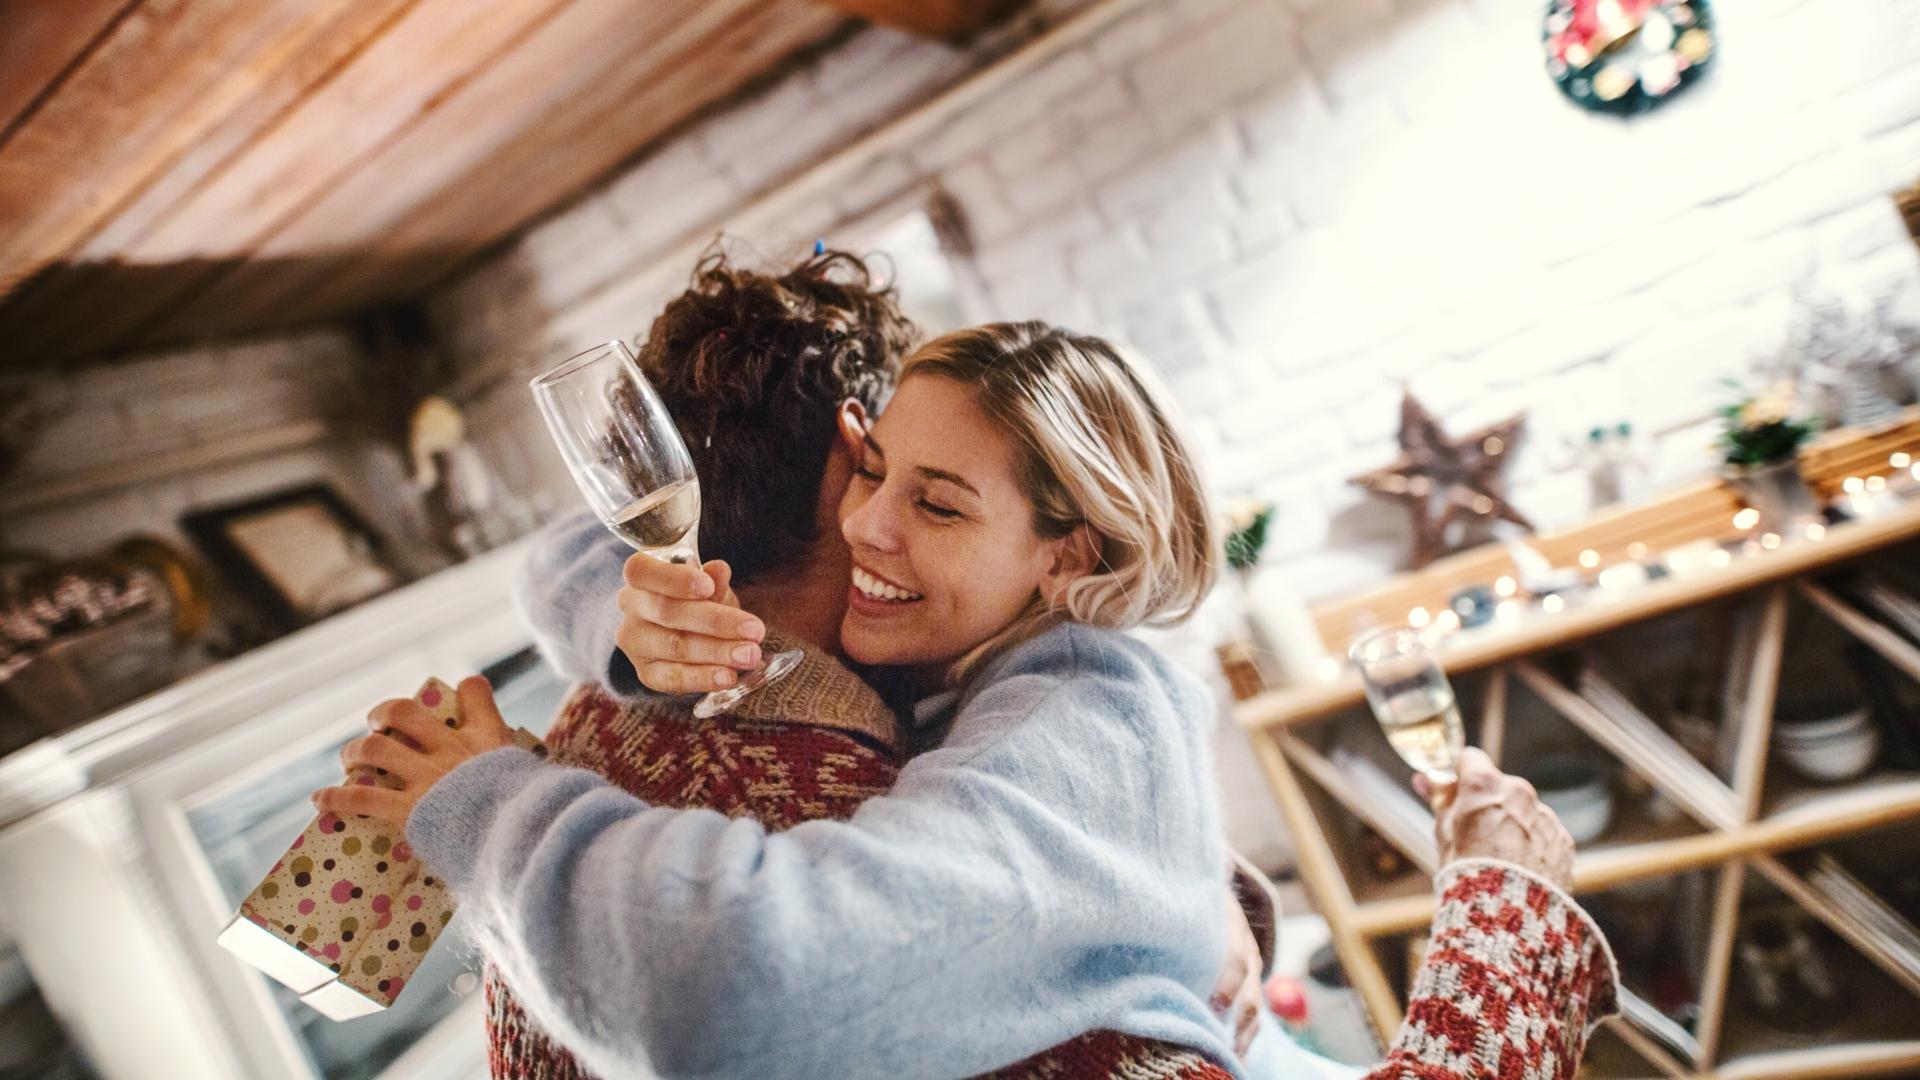 Együtt vagy külön karácsonyozás?